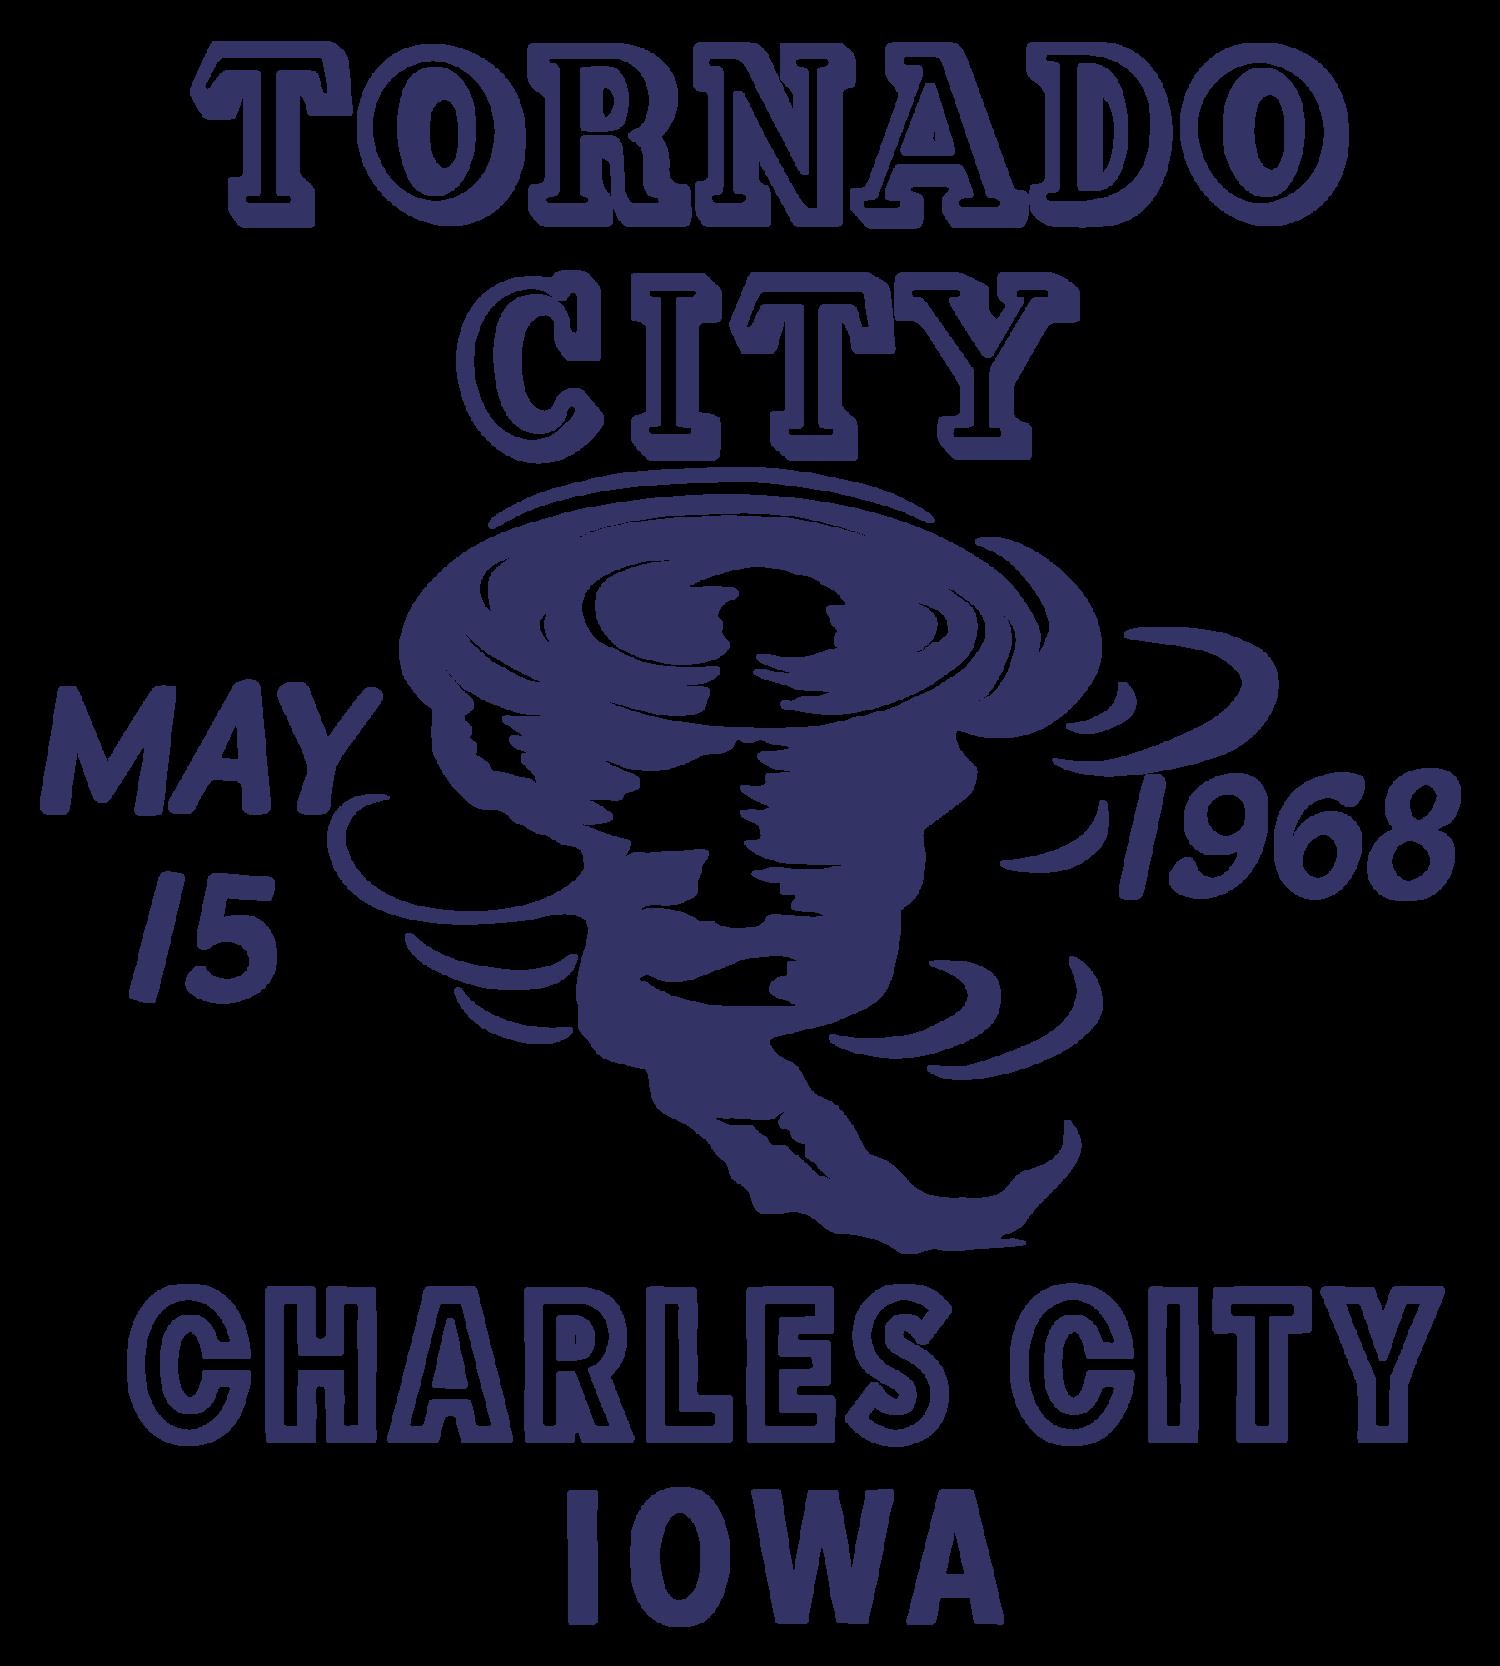 TORNADO CITY 1968